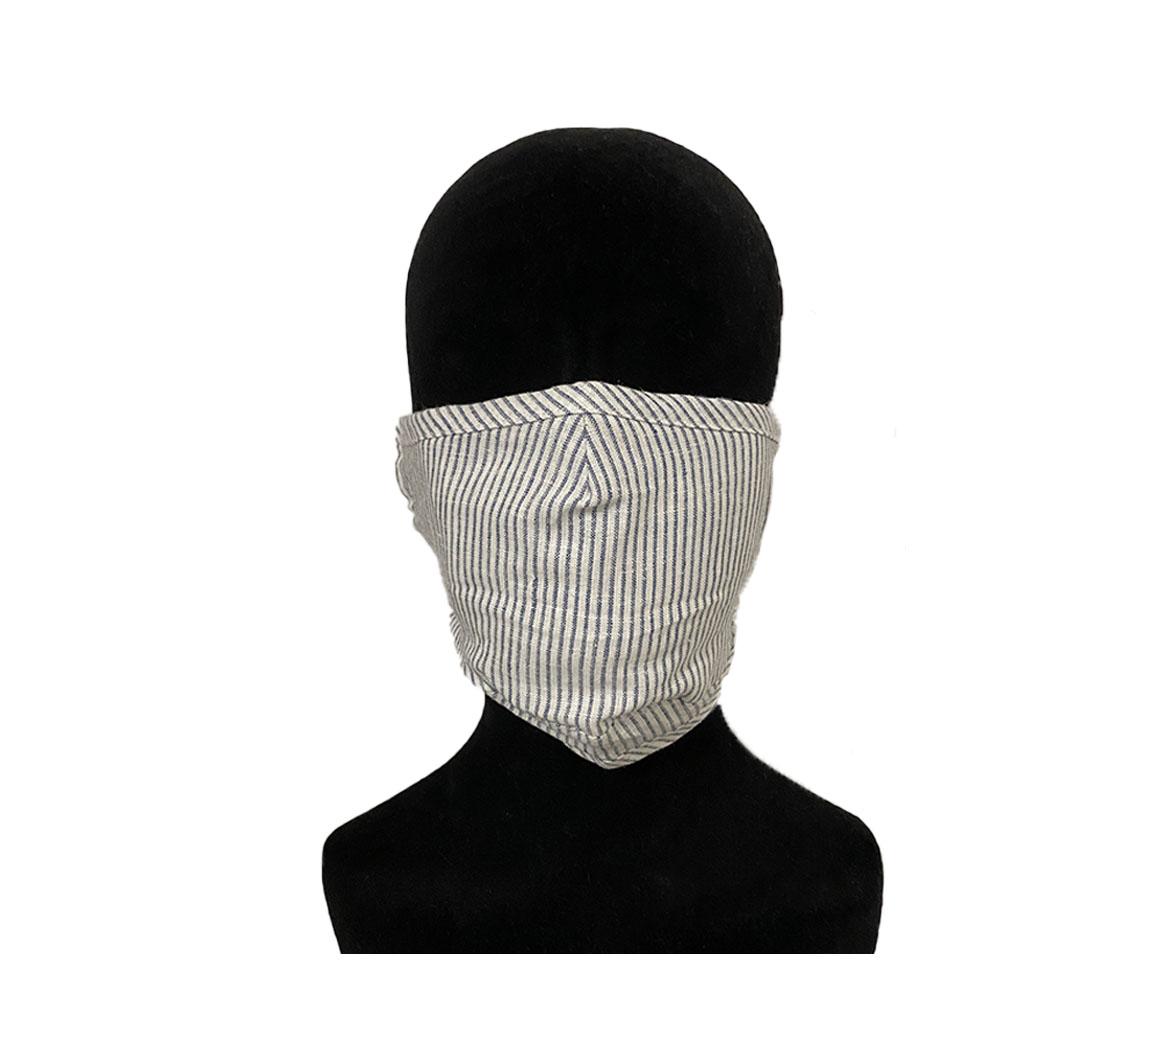 Masque Chanvre et coton bio Masque chanvre et coton adulte